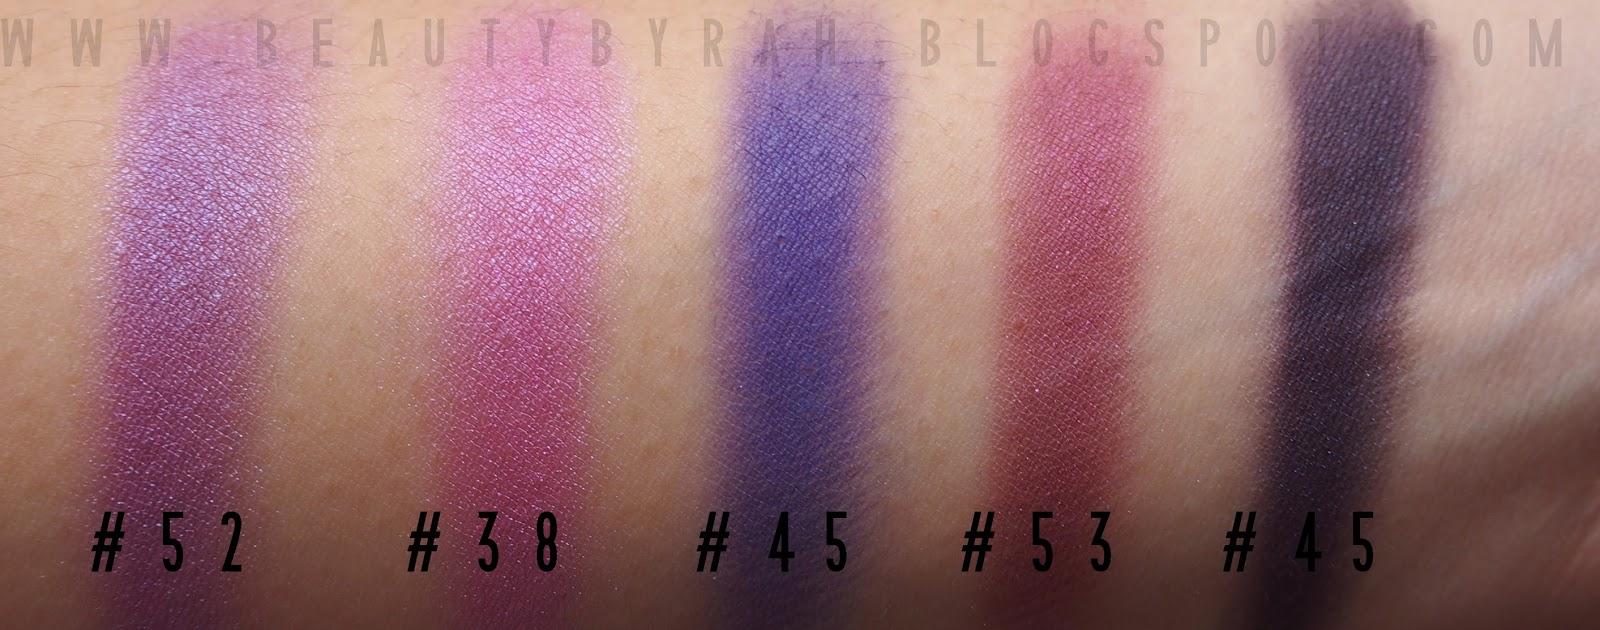 Morphe brushes single eyeshadow swatches purples